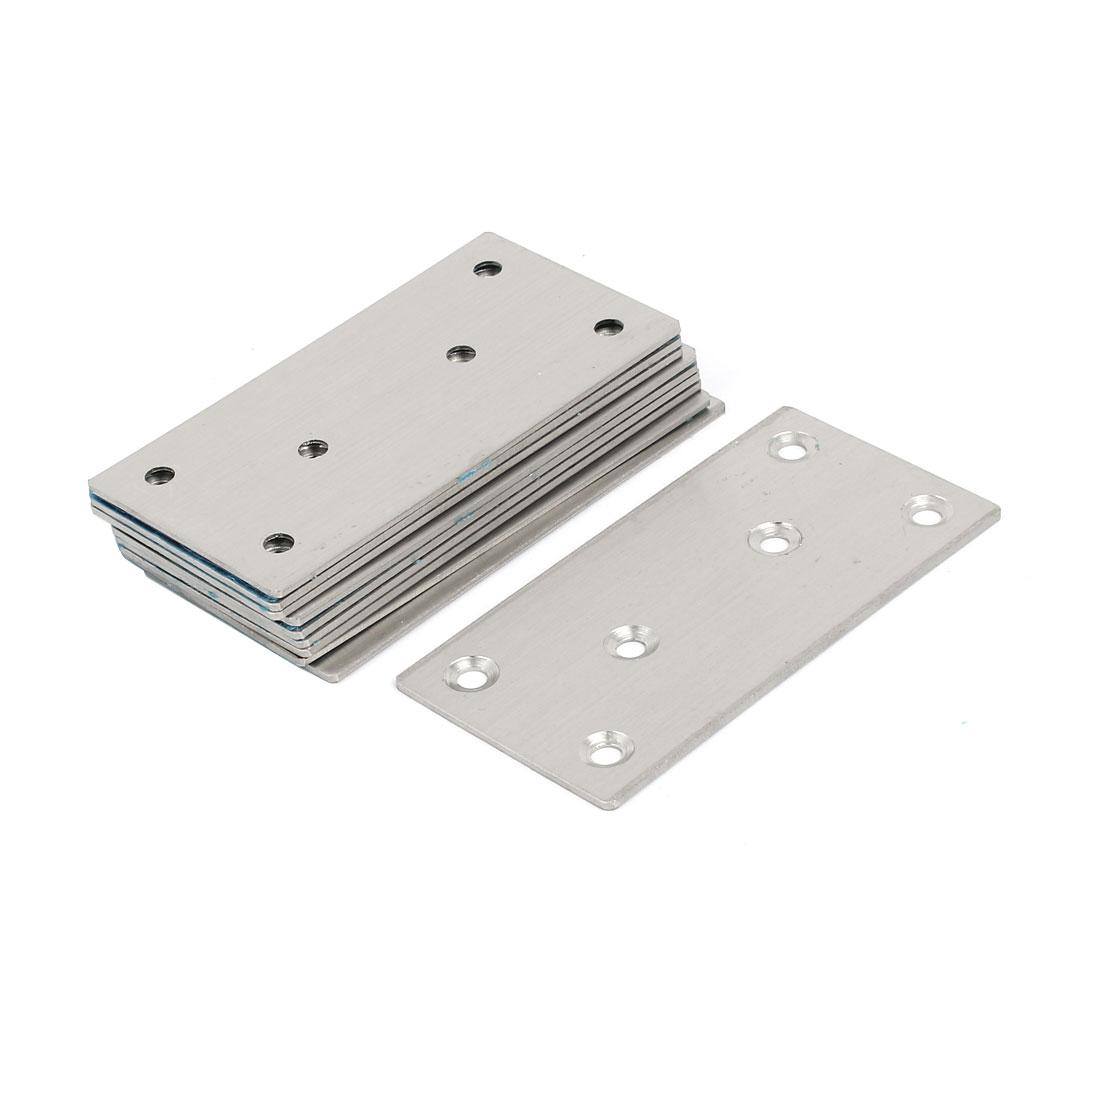 100mmx50mmx2mm Stainless Steel Flat Mending Repair Plate Fixing Bracket 10pcs